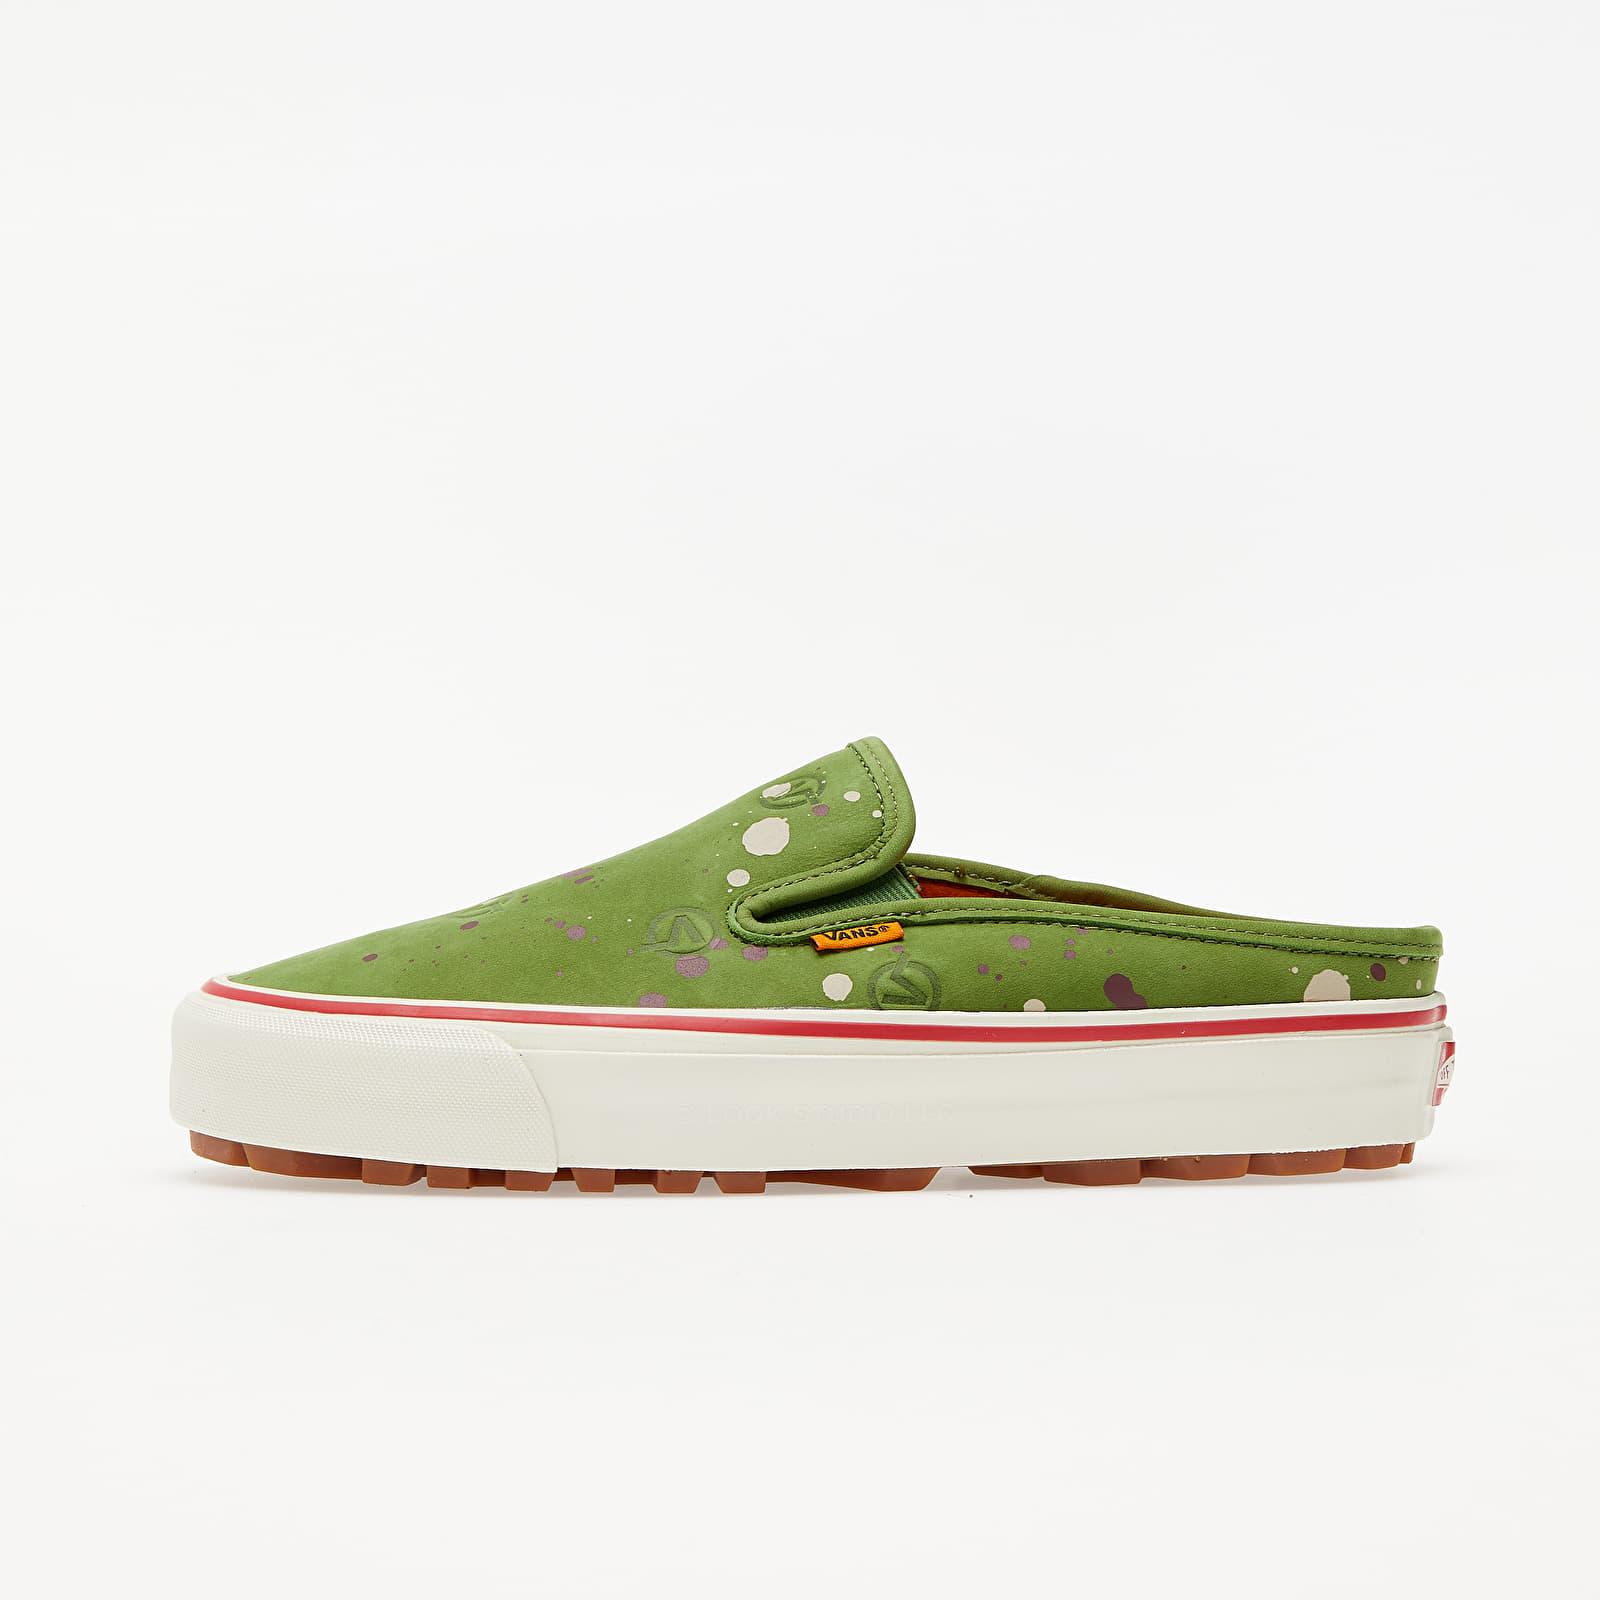 Vans OG Mule LX (LQQK Studio) Circle V Split Green VN0A5FC22T11